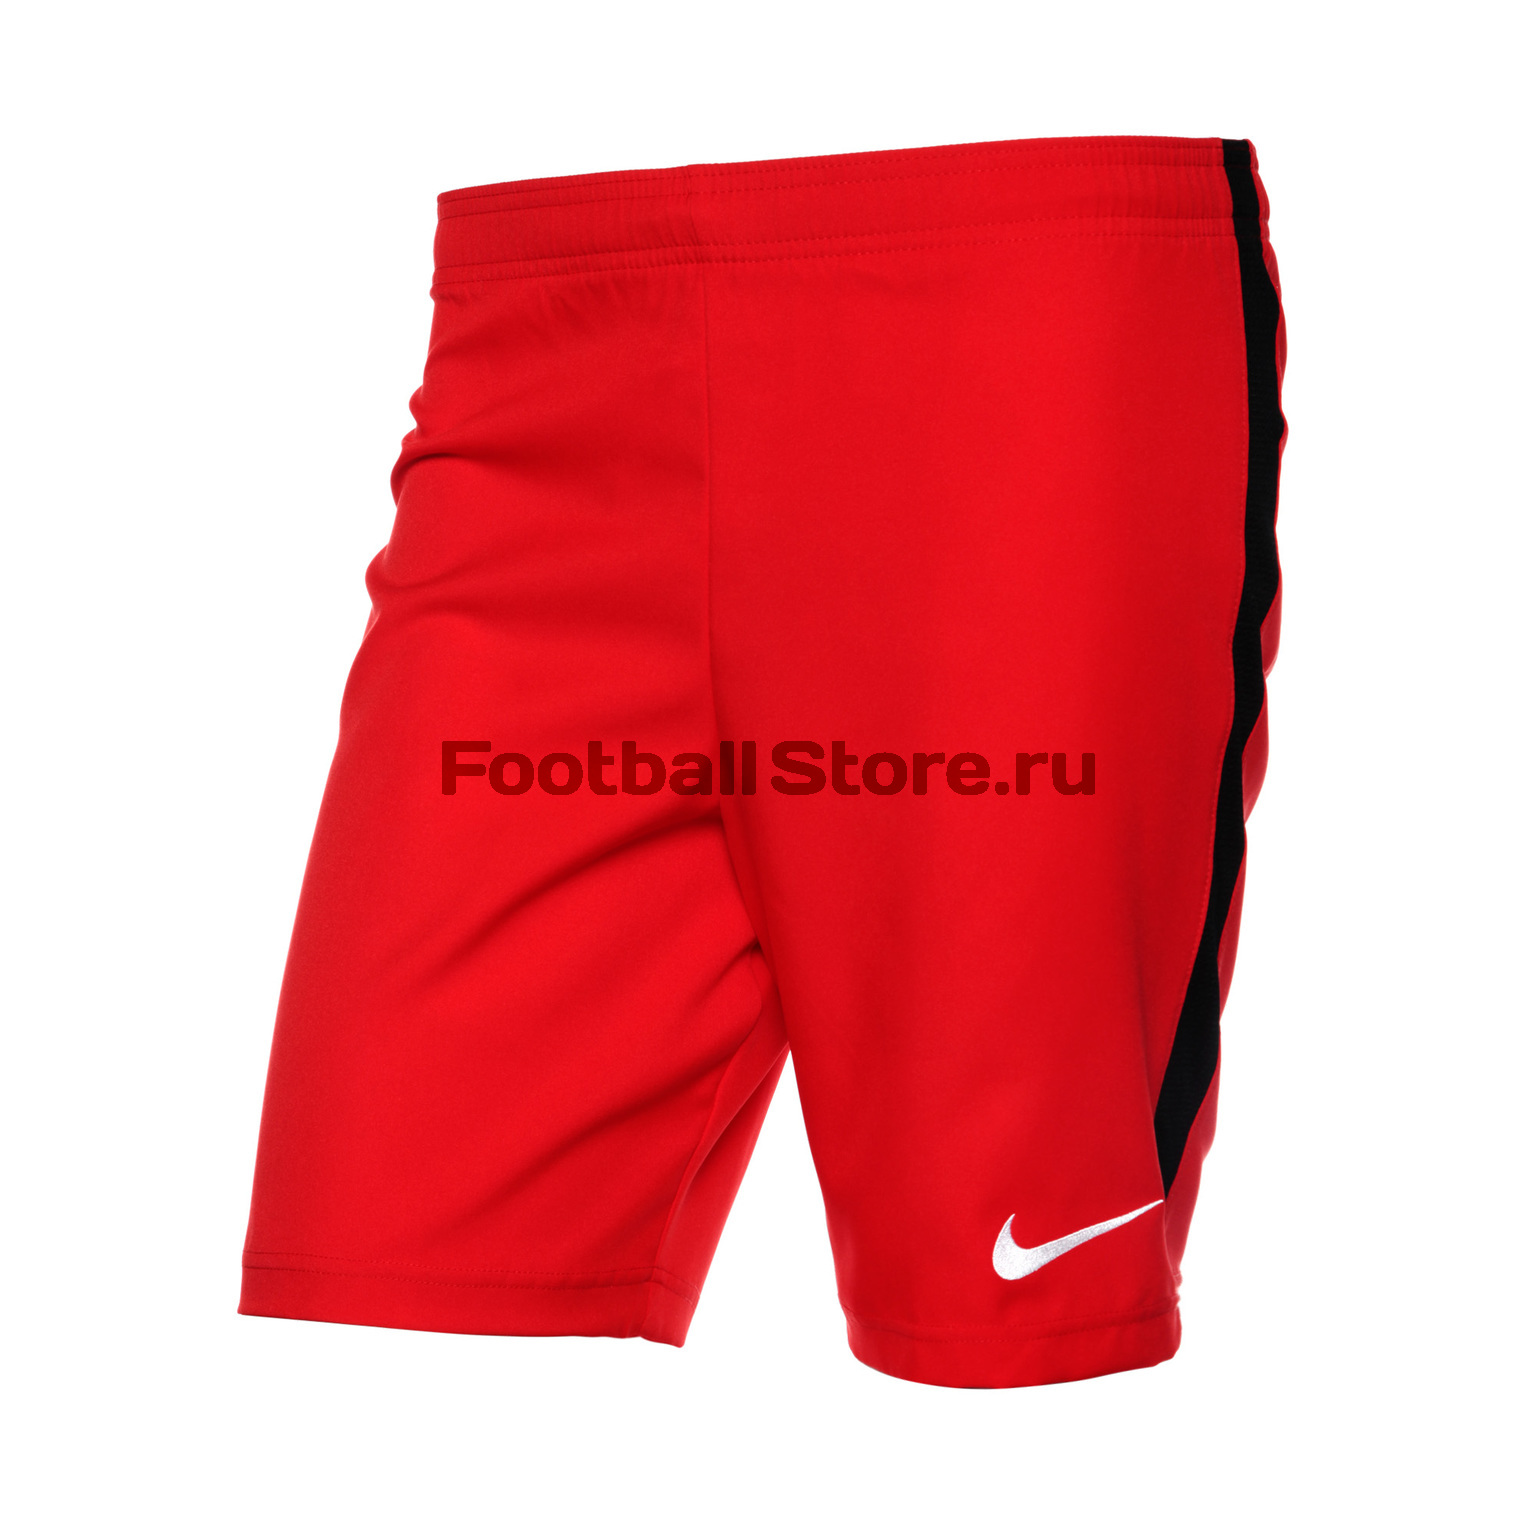 Шорты игровые Nike Dry Short II WVN 894331-657 шорты игровые nike dry short ii wvn 894331 010